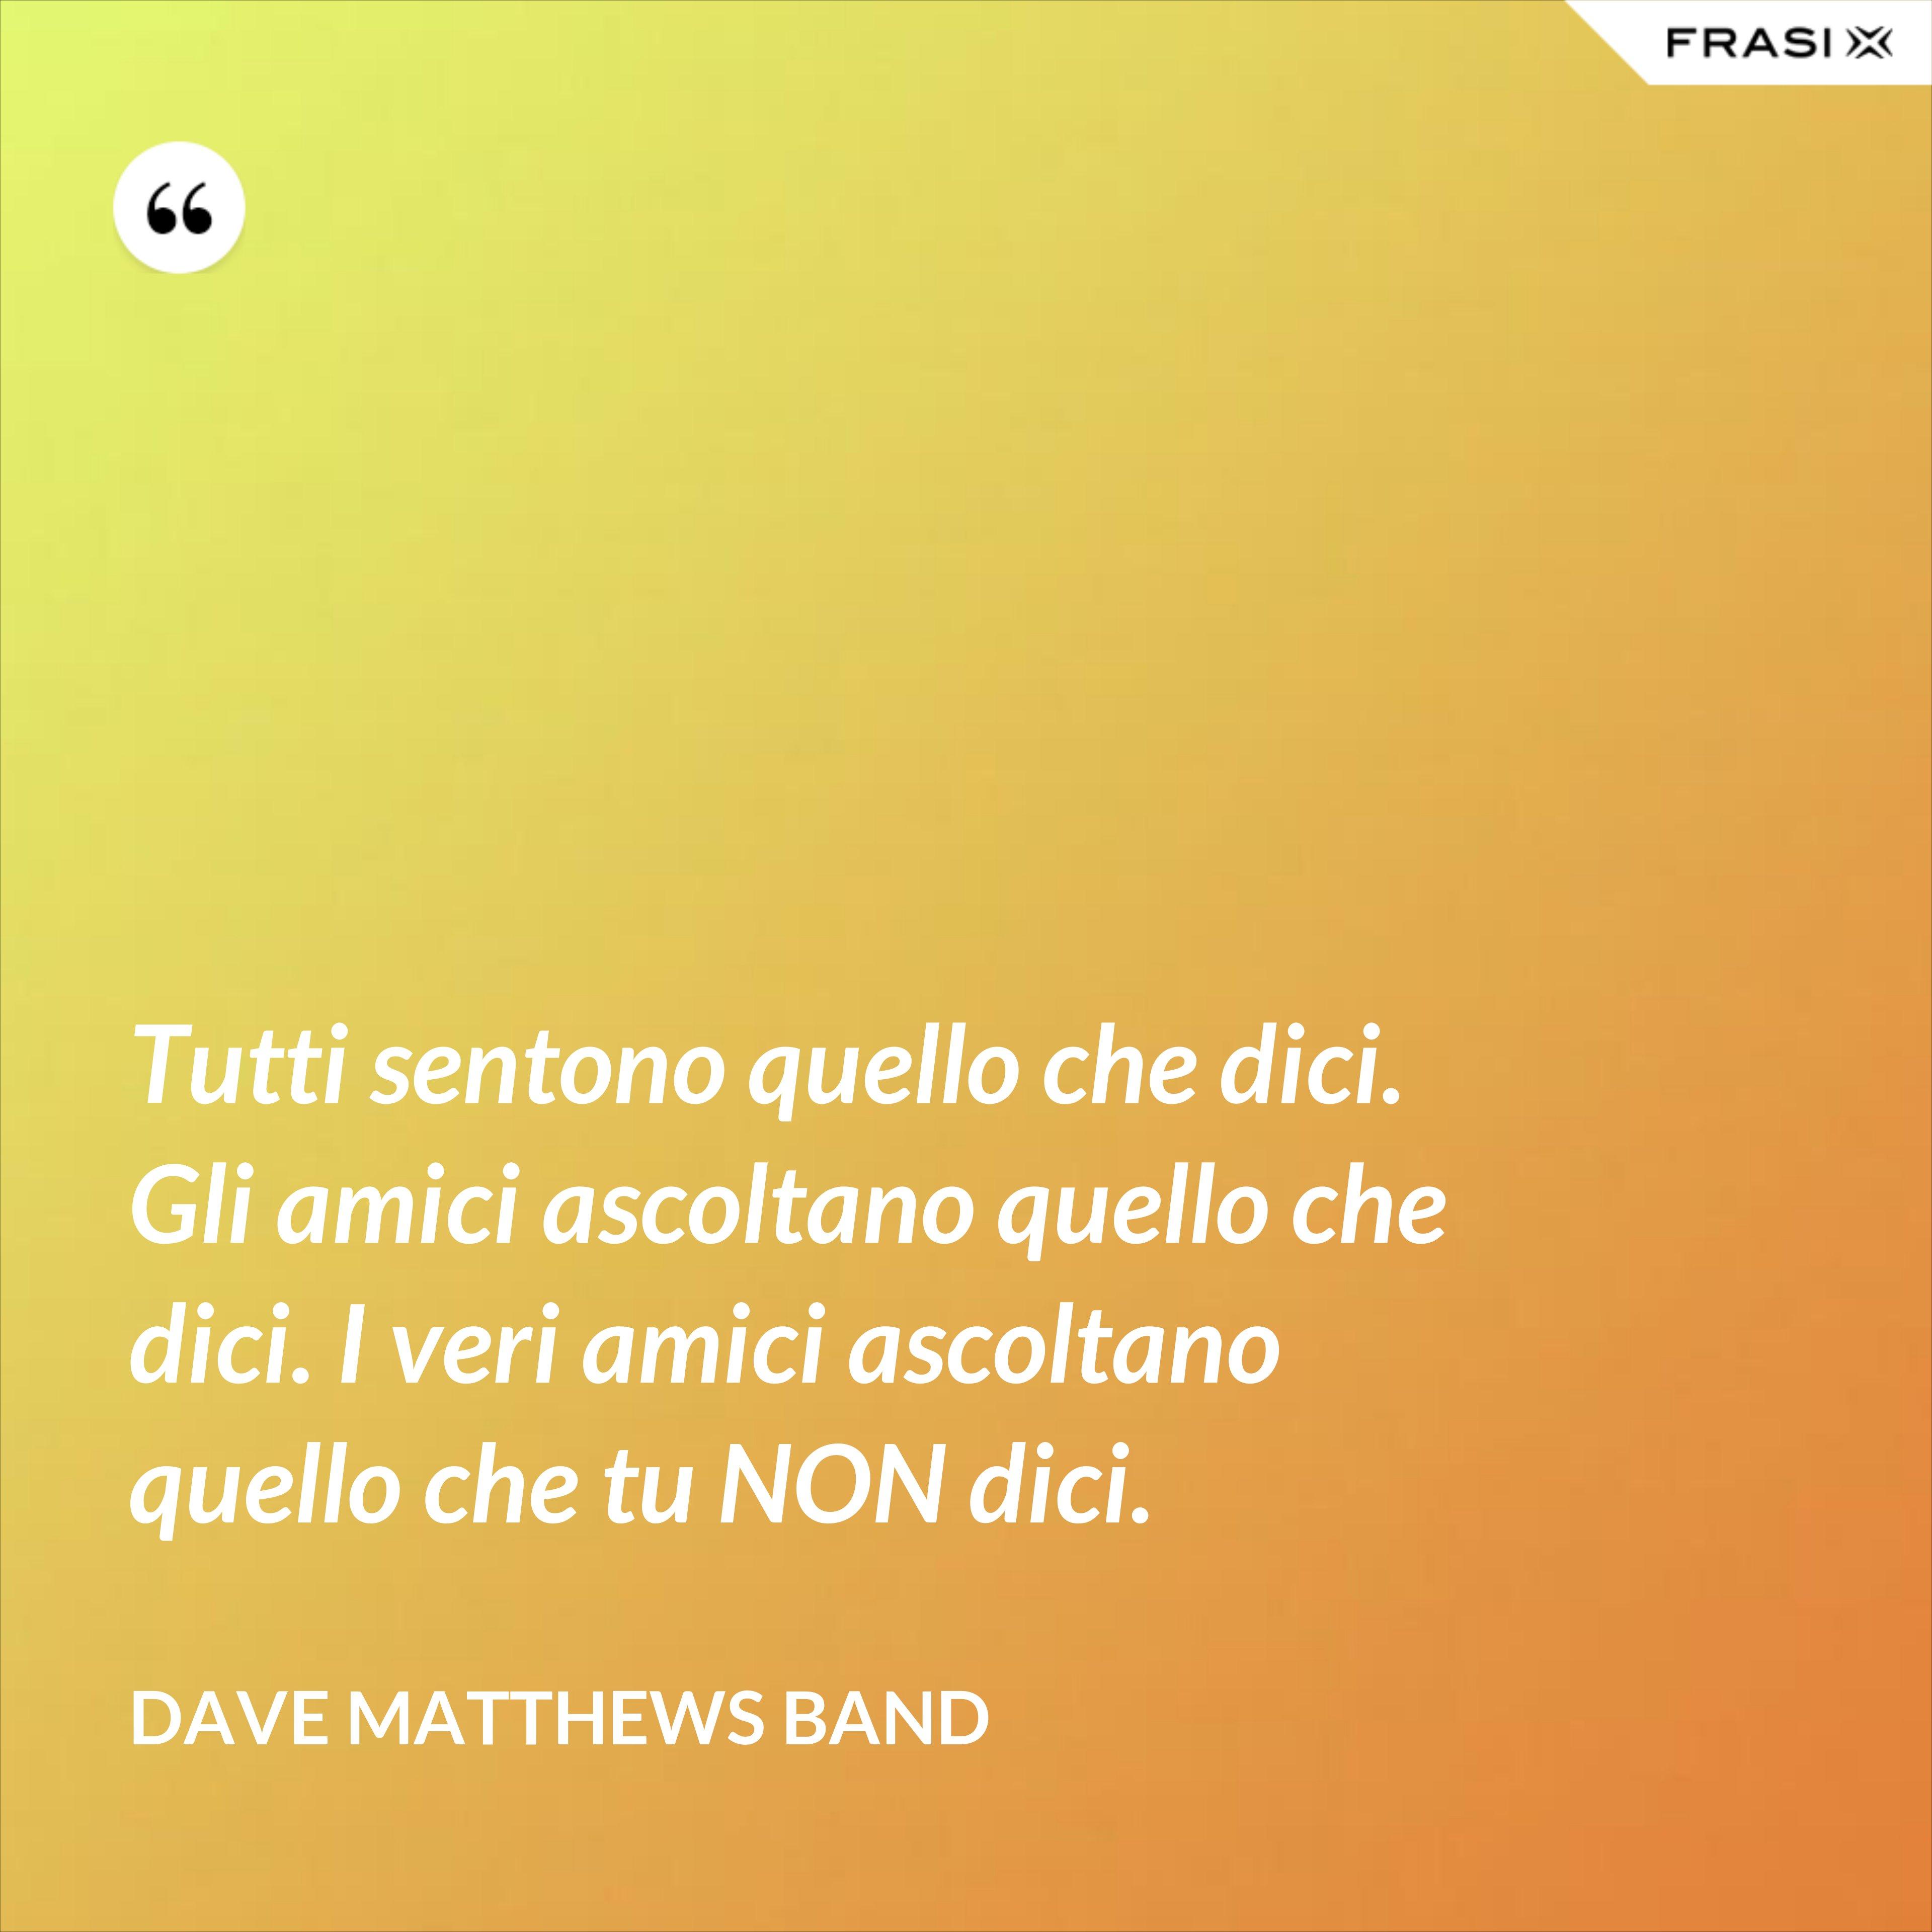 Tutti sentono quello che dici. Gli amici ascoltano quello che dici. I veri amici ascoltano quello che tu NON dici. - Dave Matthews Band